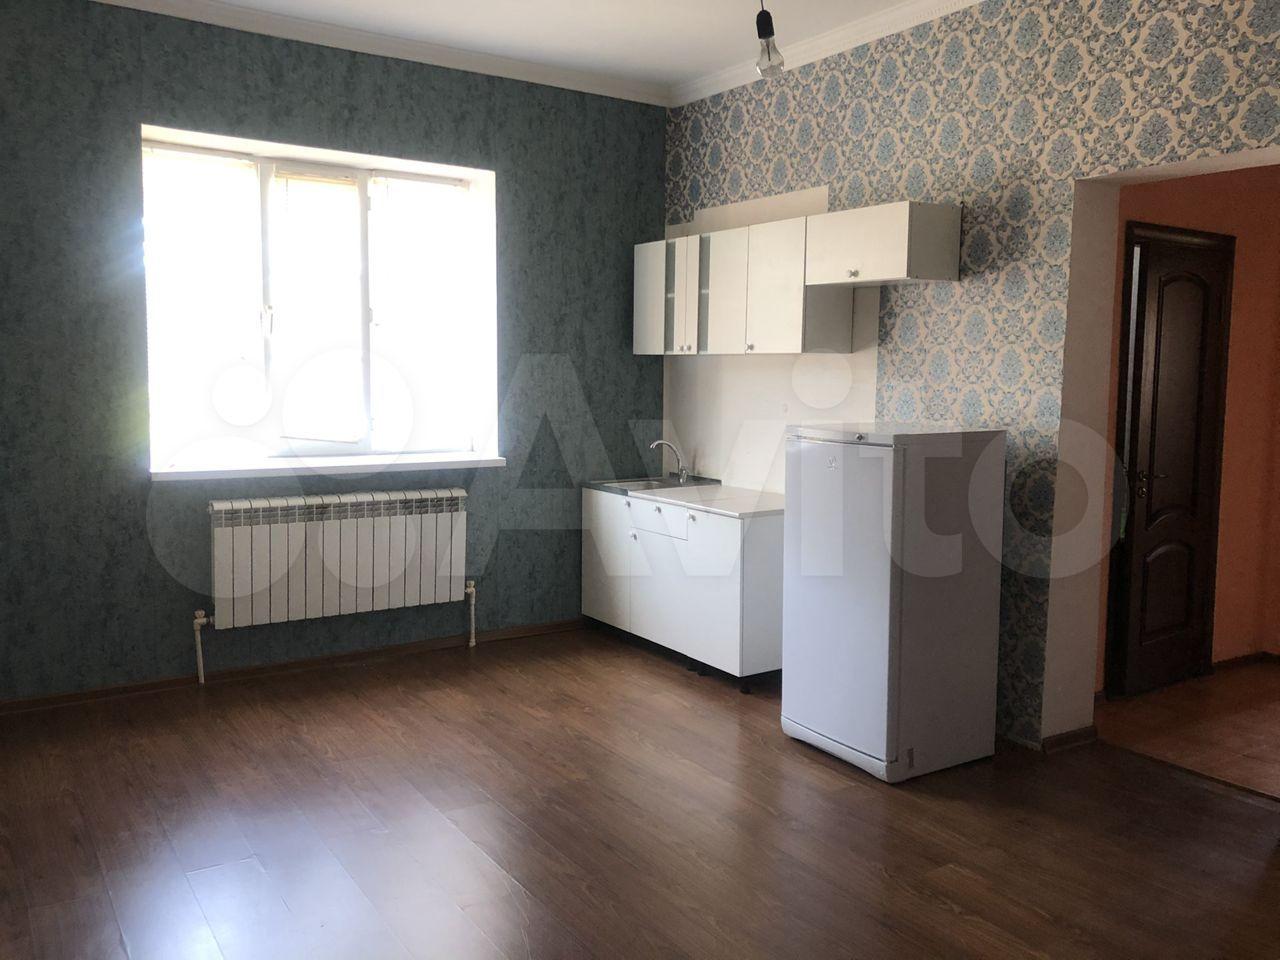 Квартира-студия, 53 м², 3/5 эт.  89034233252 купить 1